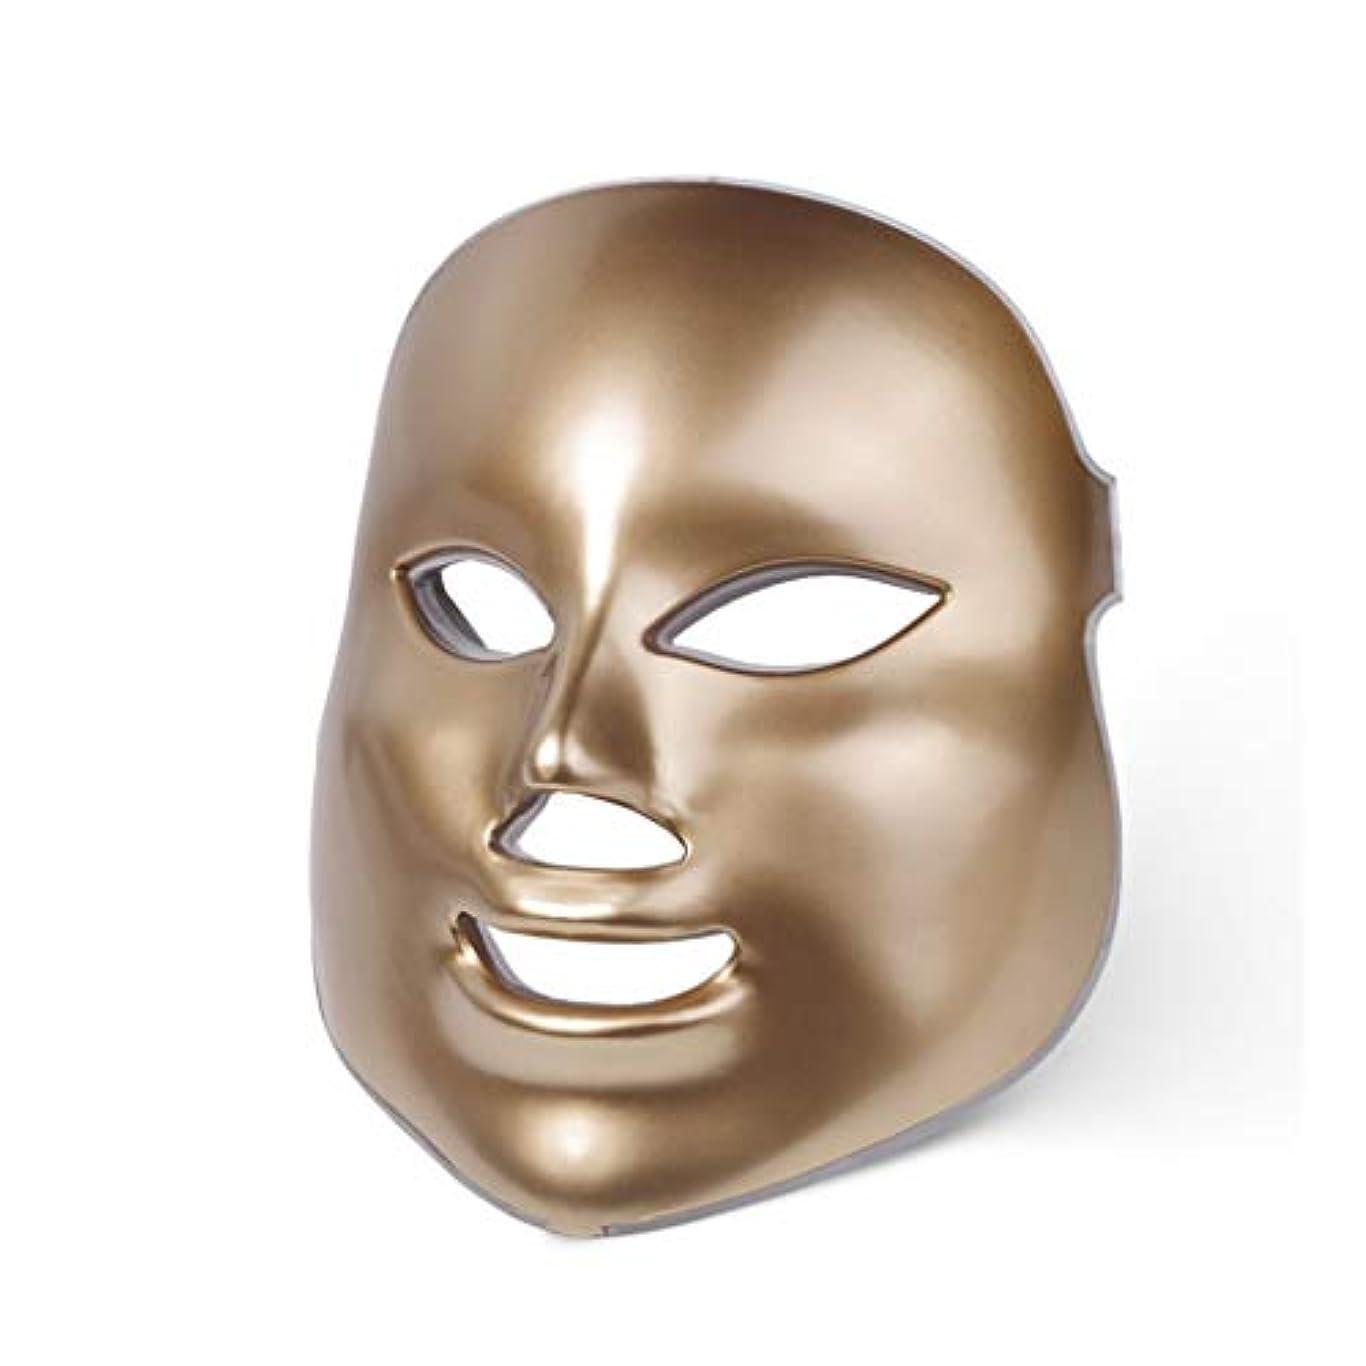 適度な薬闇ライトセラピー?マスク、LEDライトセラピーフォトン顔がマシン7色のアンチエイジングスキンケアライトセラピーにきびマスクトーニング、しわ、アクネホワイトニングゴールドマスクマスク (Color : Gold)